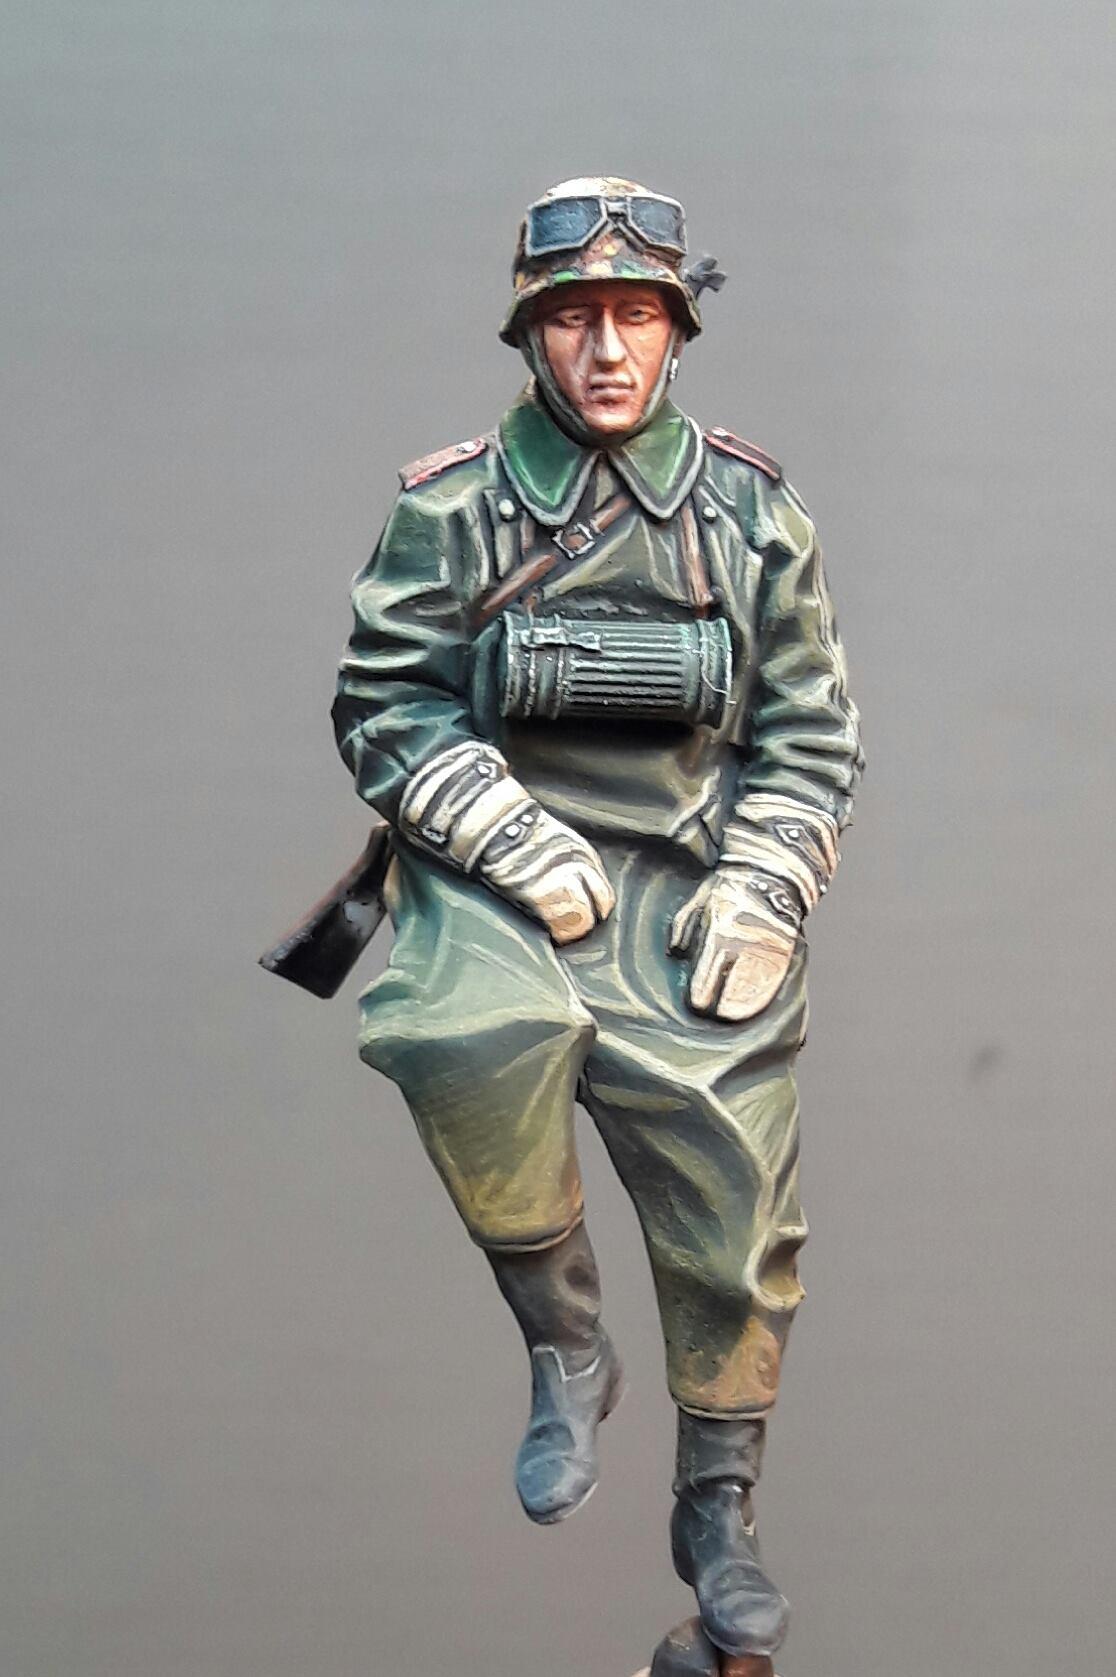 Zündapp KS750 - Sidecar - Great Wall Hobby + figurines Alpine - 1/35 3995031974968610211682770559326991618570o